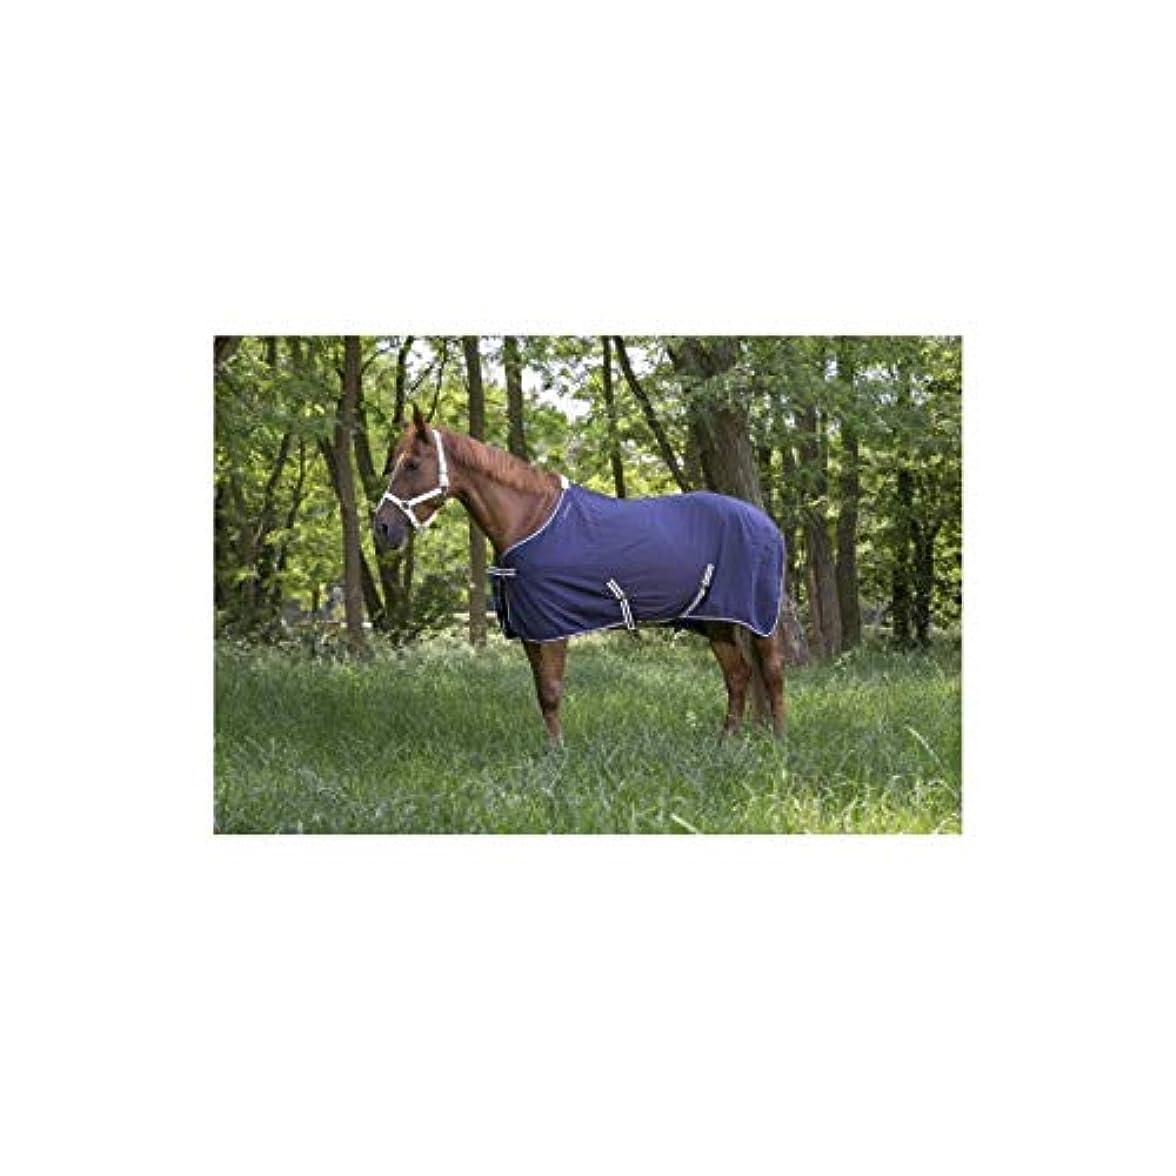 咳怖がって死ぬ応じるEKKIA(エキア) 乗馬用具 グレー E-TH.LIGHT SUMMER RUG GREY 6'6 400098166 400098166